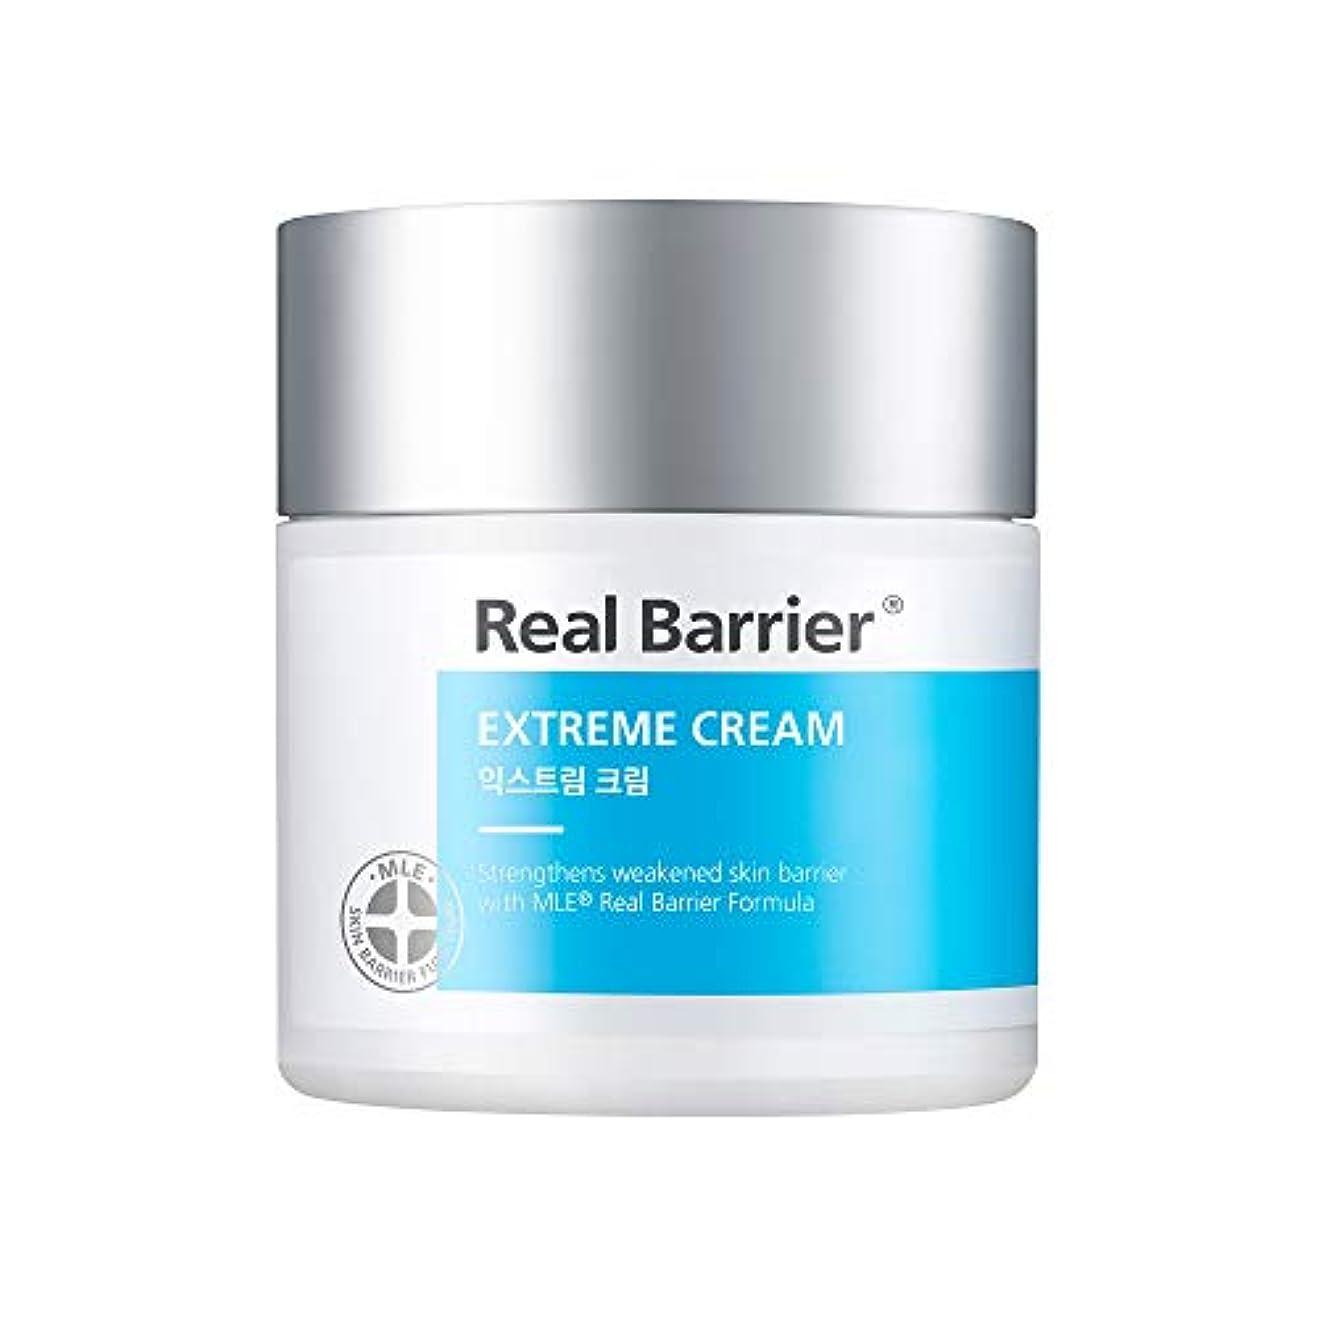 訴える適応する凍るアトパーム(atopalm) リアルベリアエクストリームクリーム/Atopam Real Barrier Extreme Cream